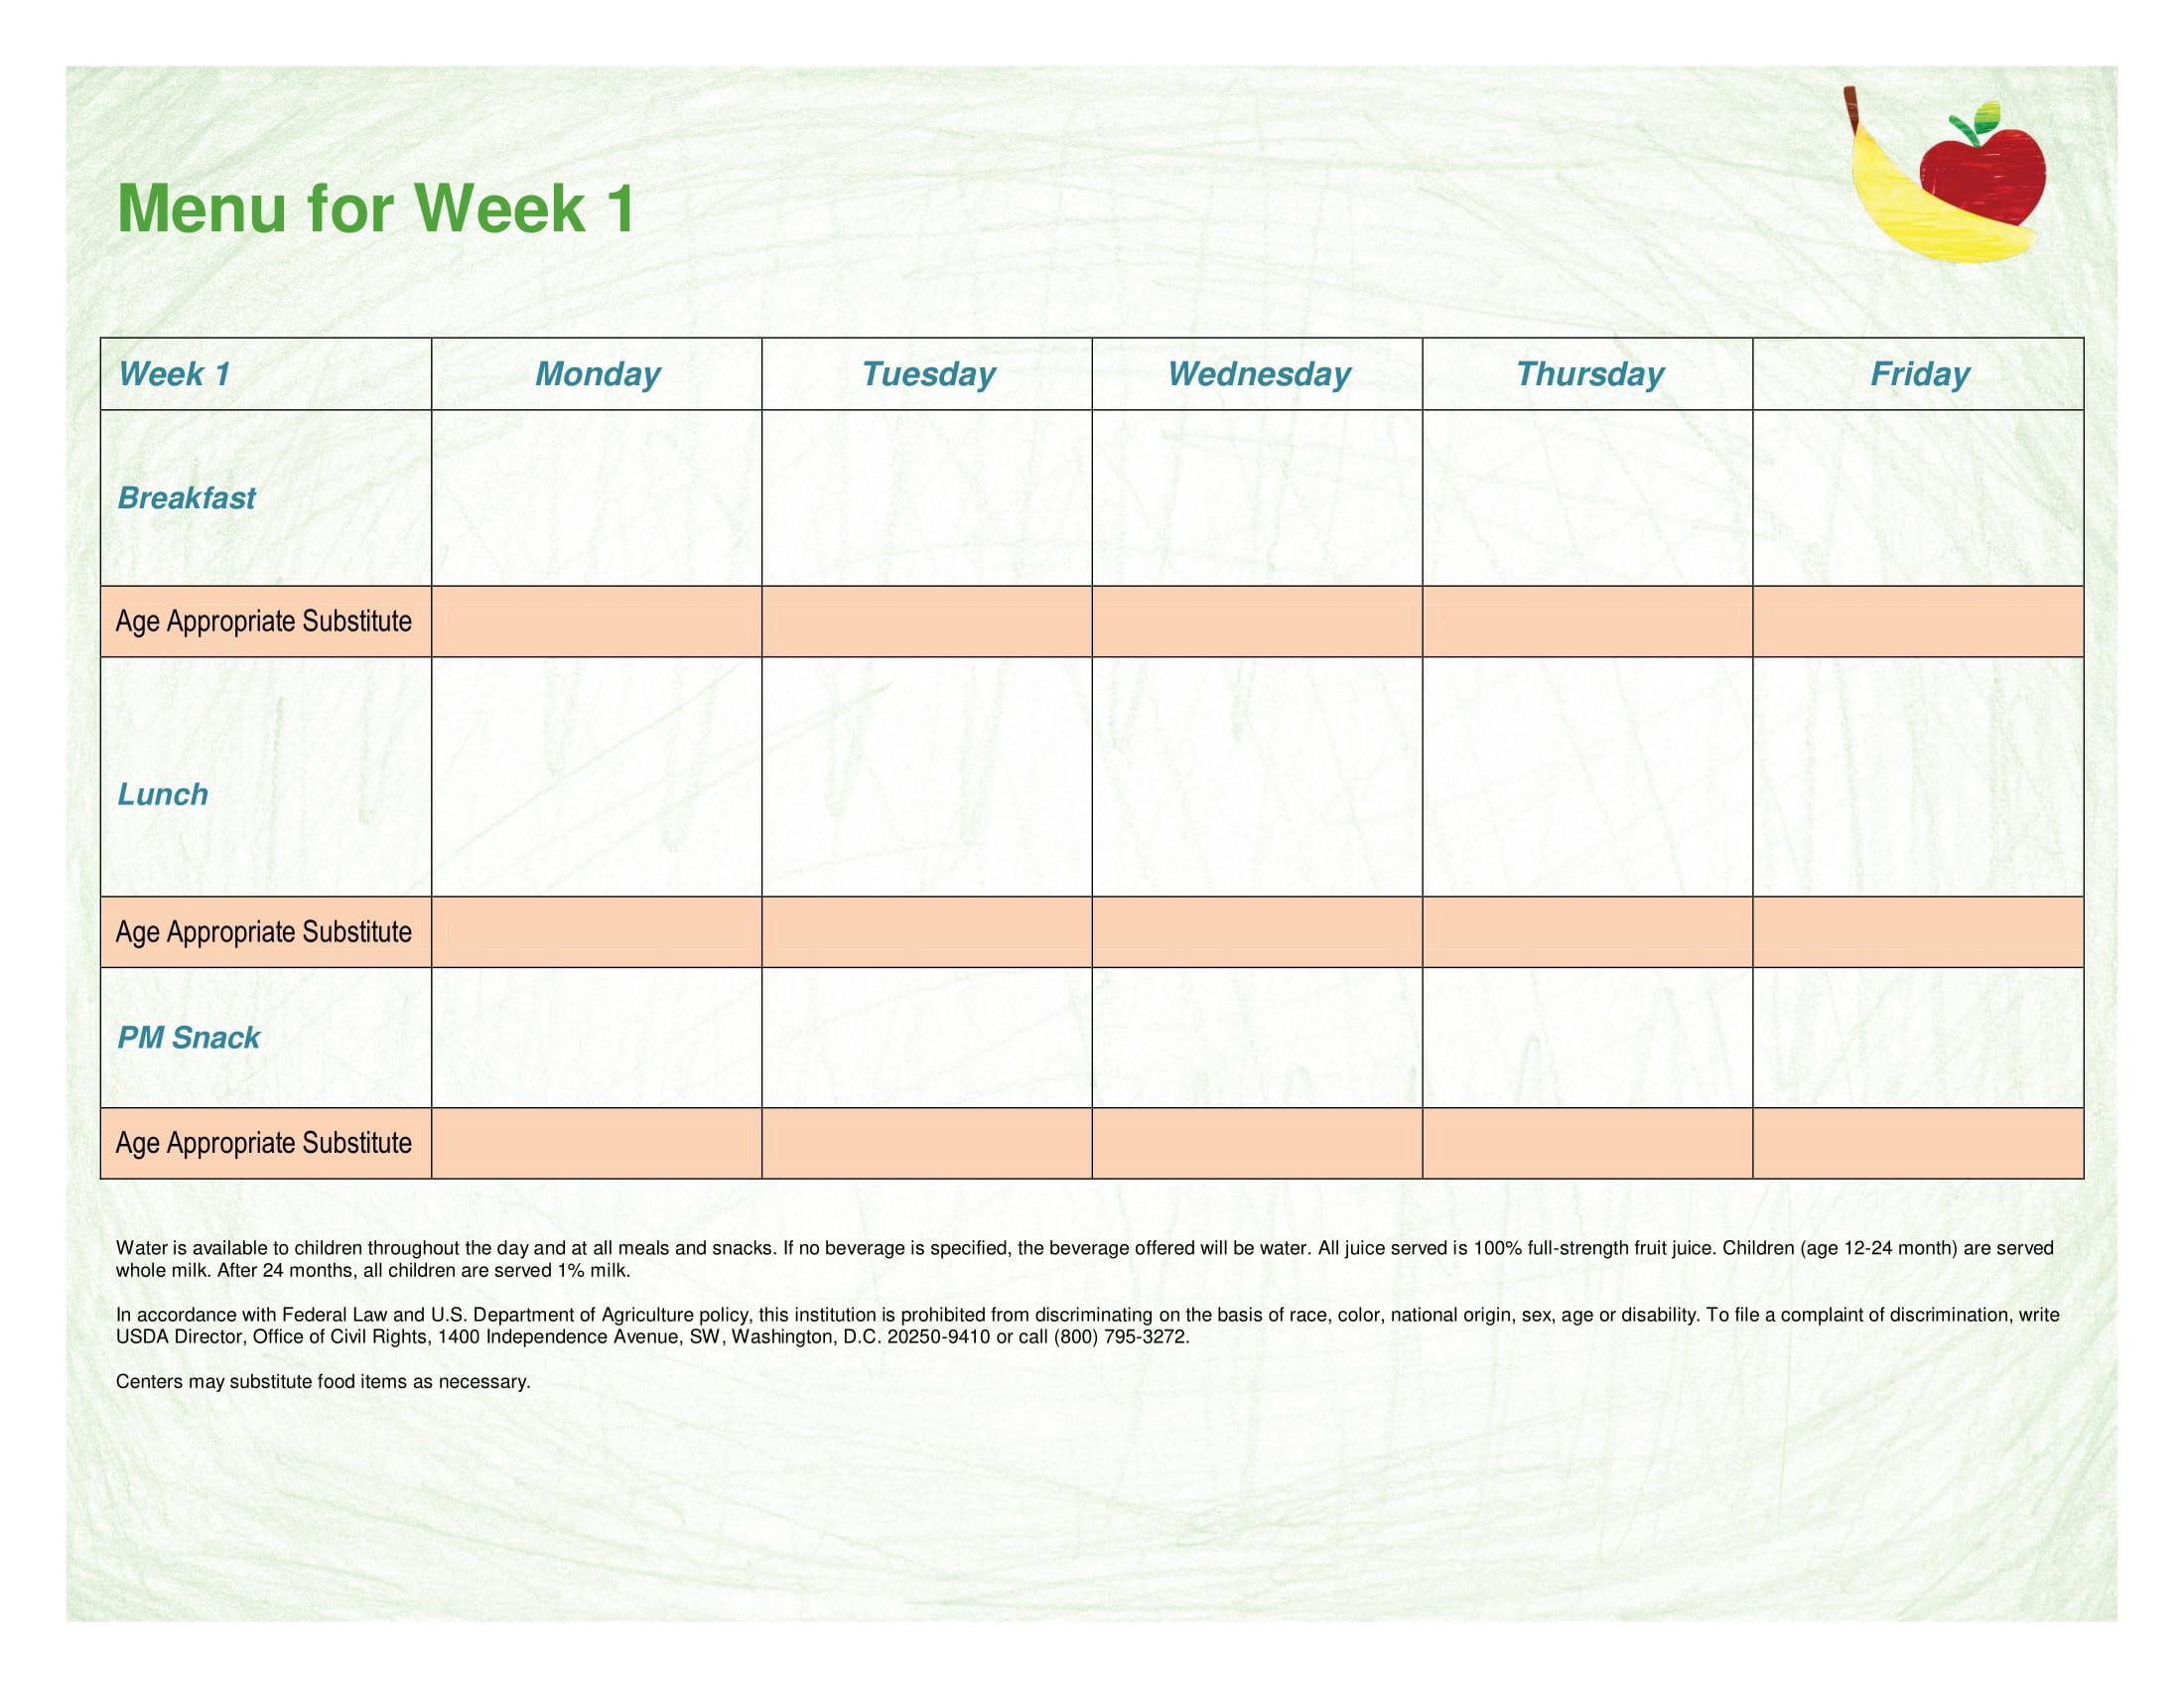 cacfp weekly menu form 1